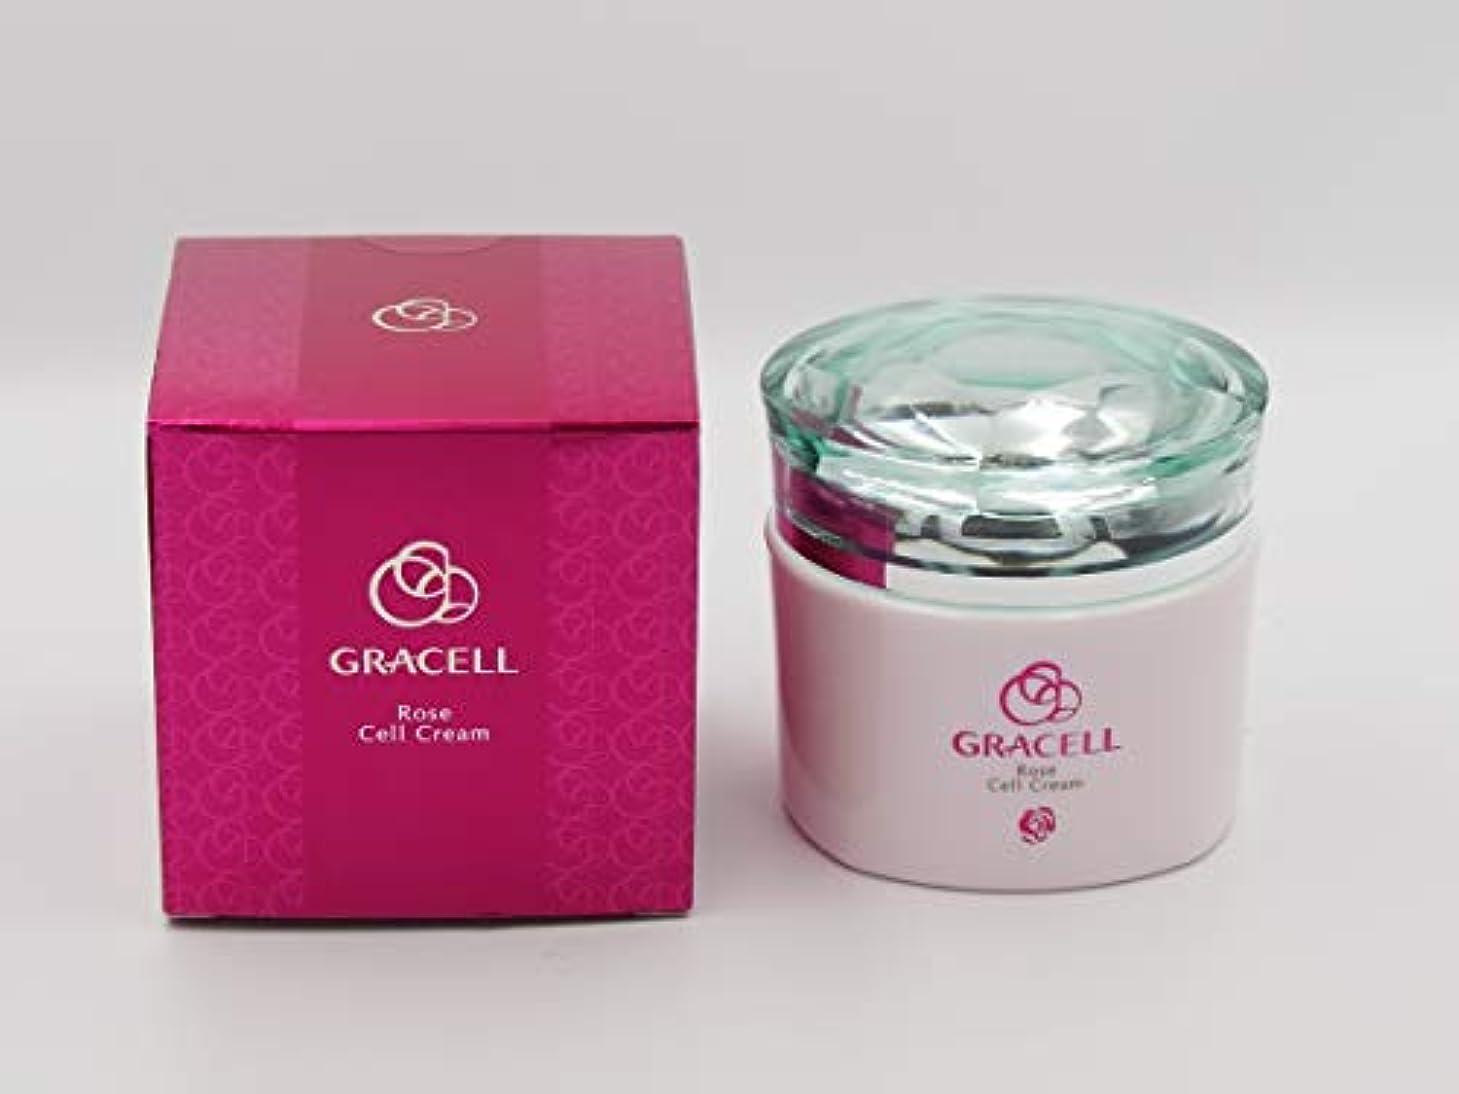 回路ウッズ近代化GRACELL(グレイセル) グレイセルローズセル クリーム 保湿クリーム 45g